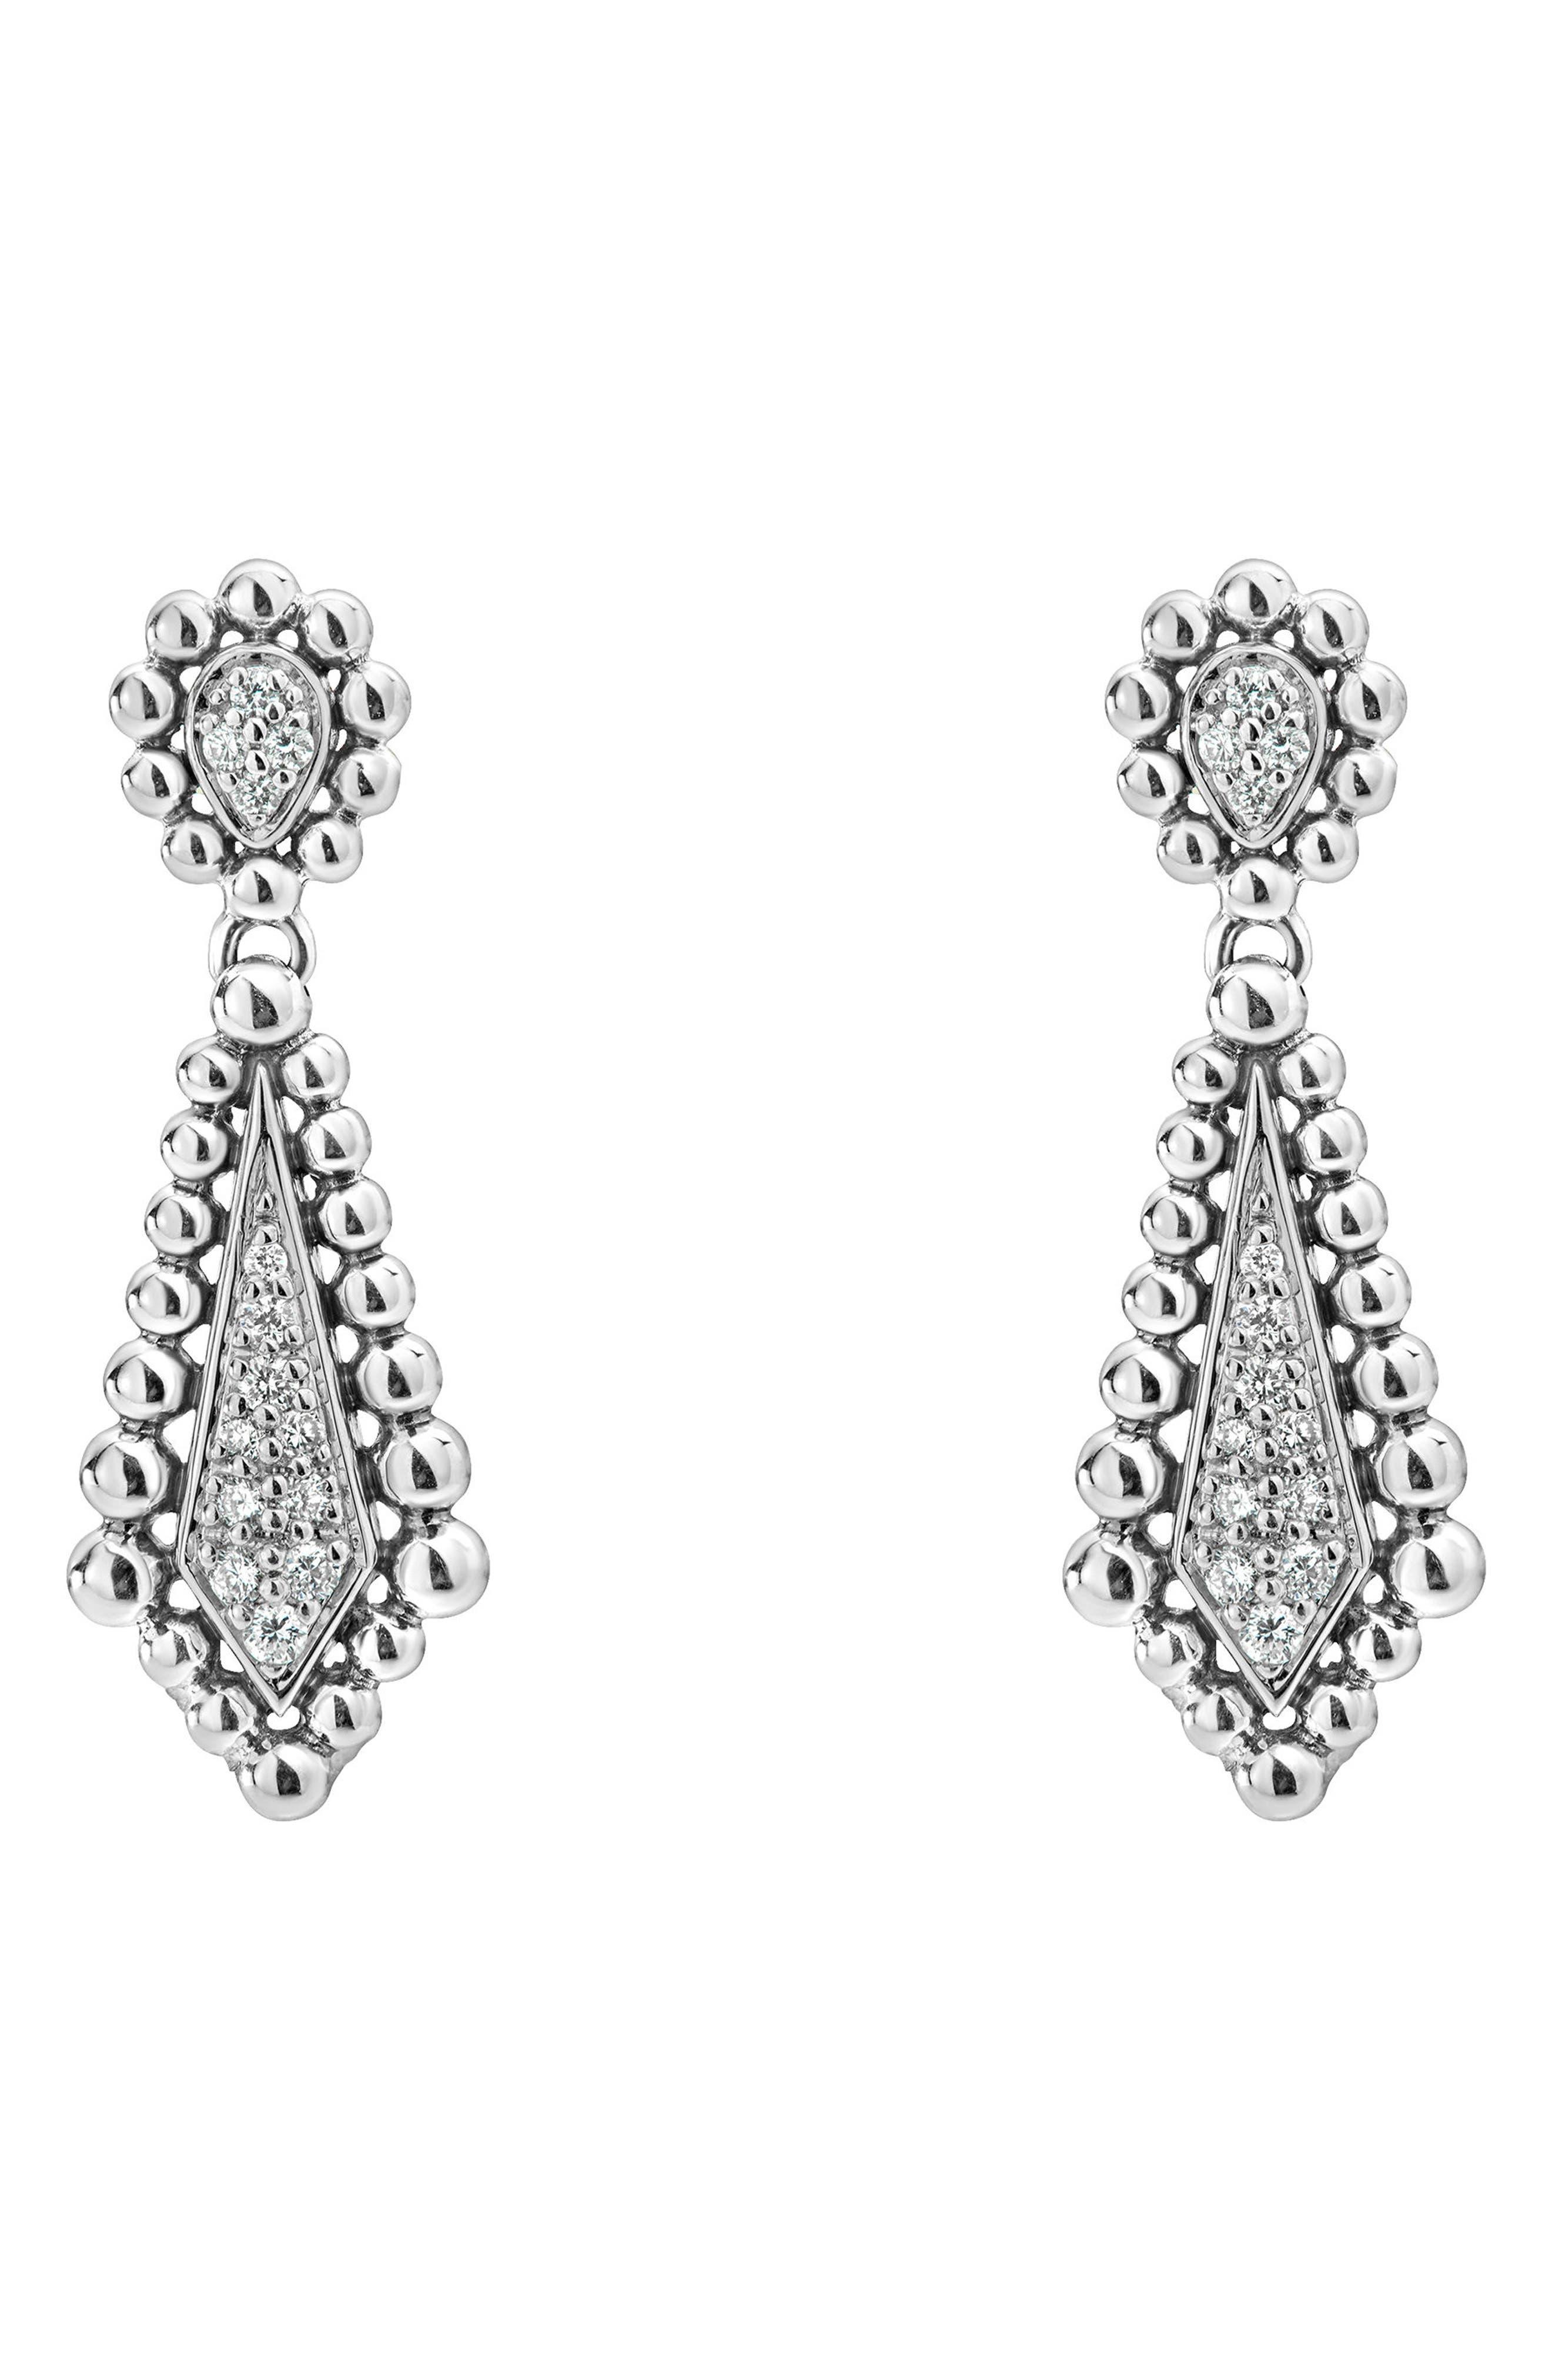 LAGOS Caviar Spark Diamond Earrings